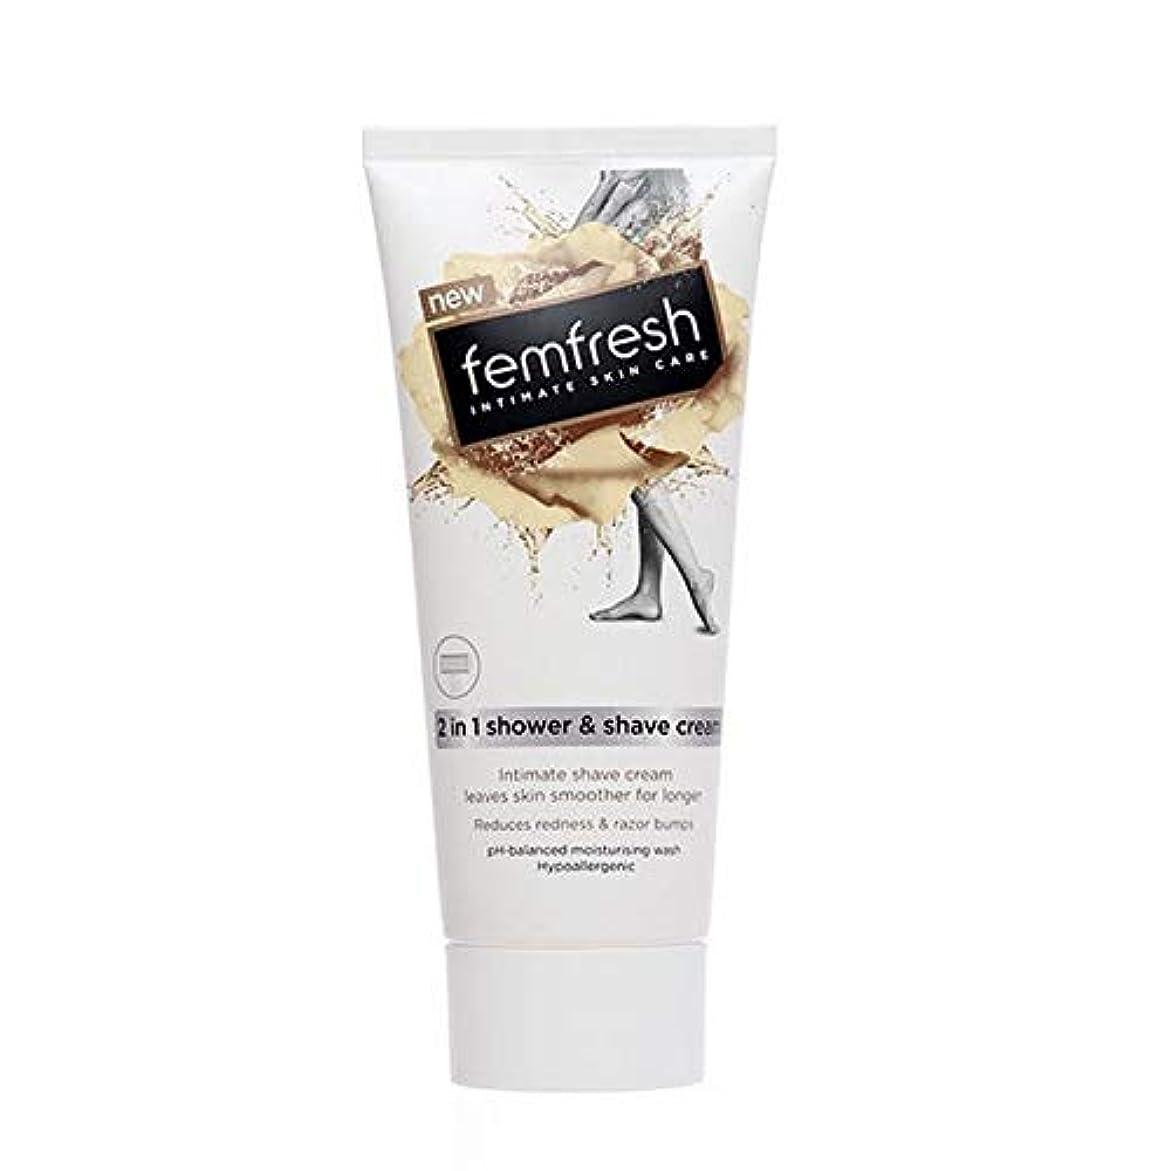 拒否副詞[Femfresh] Femfreshシャワー&シェーブクリーム200ミリリットル - Femfresh Shower & Shave Cream 200ml [並行輸入品]